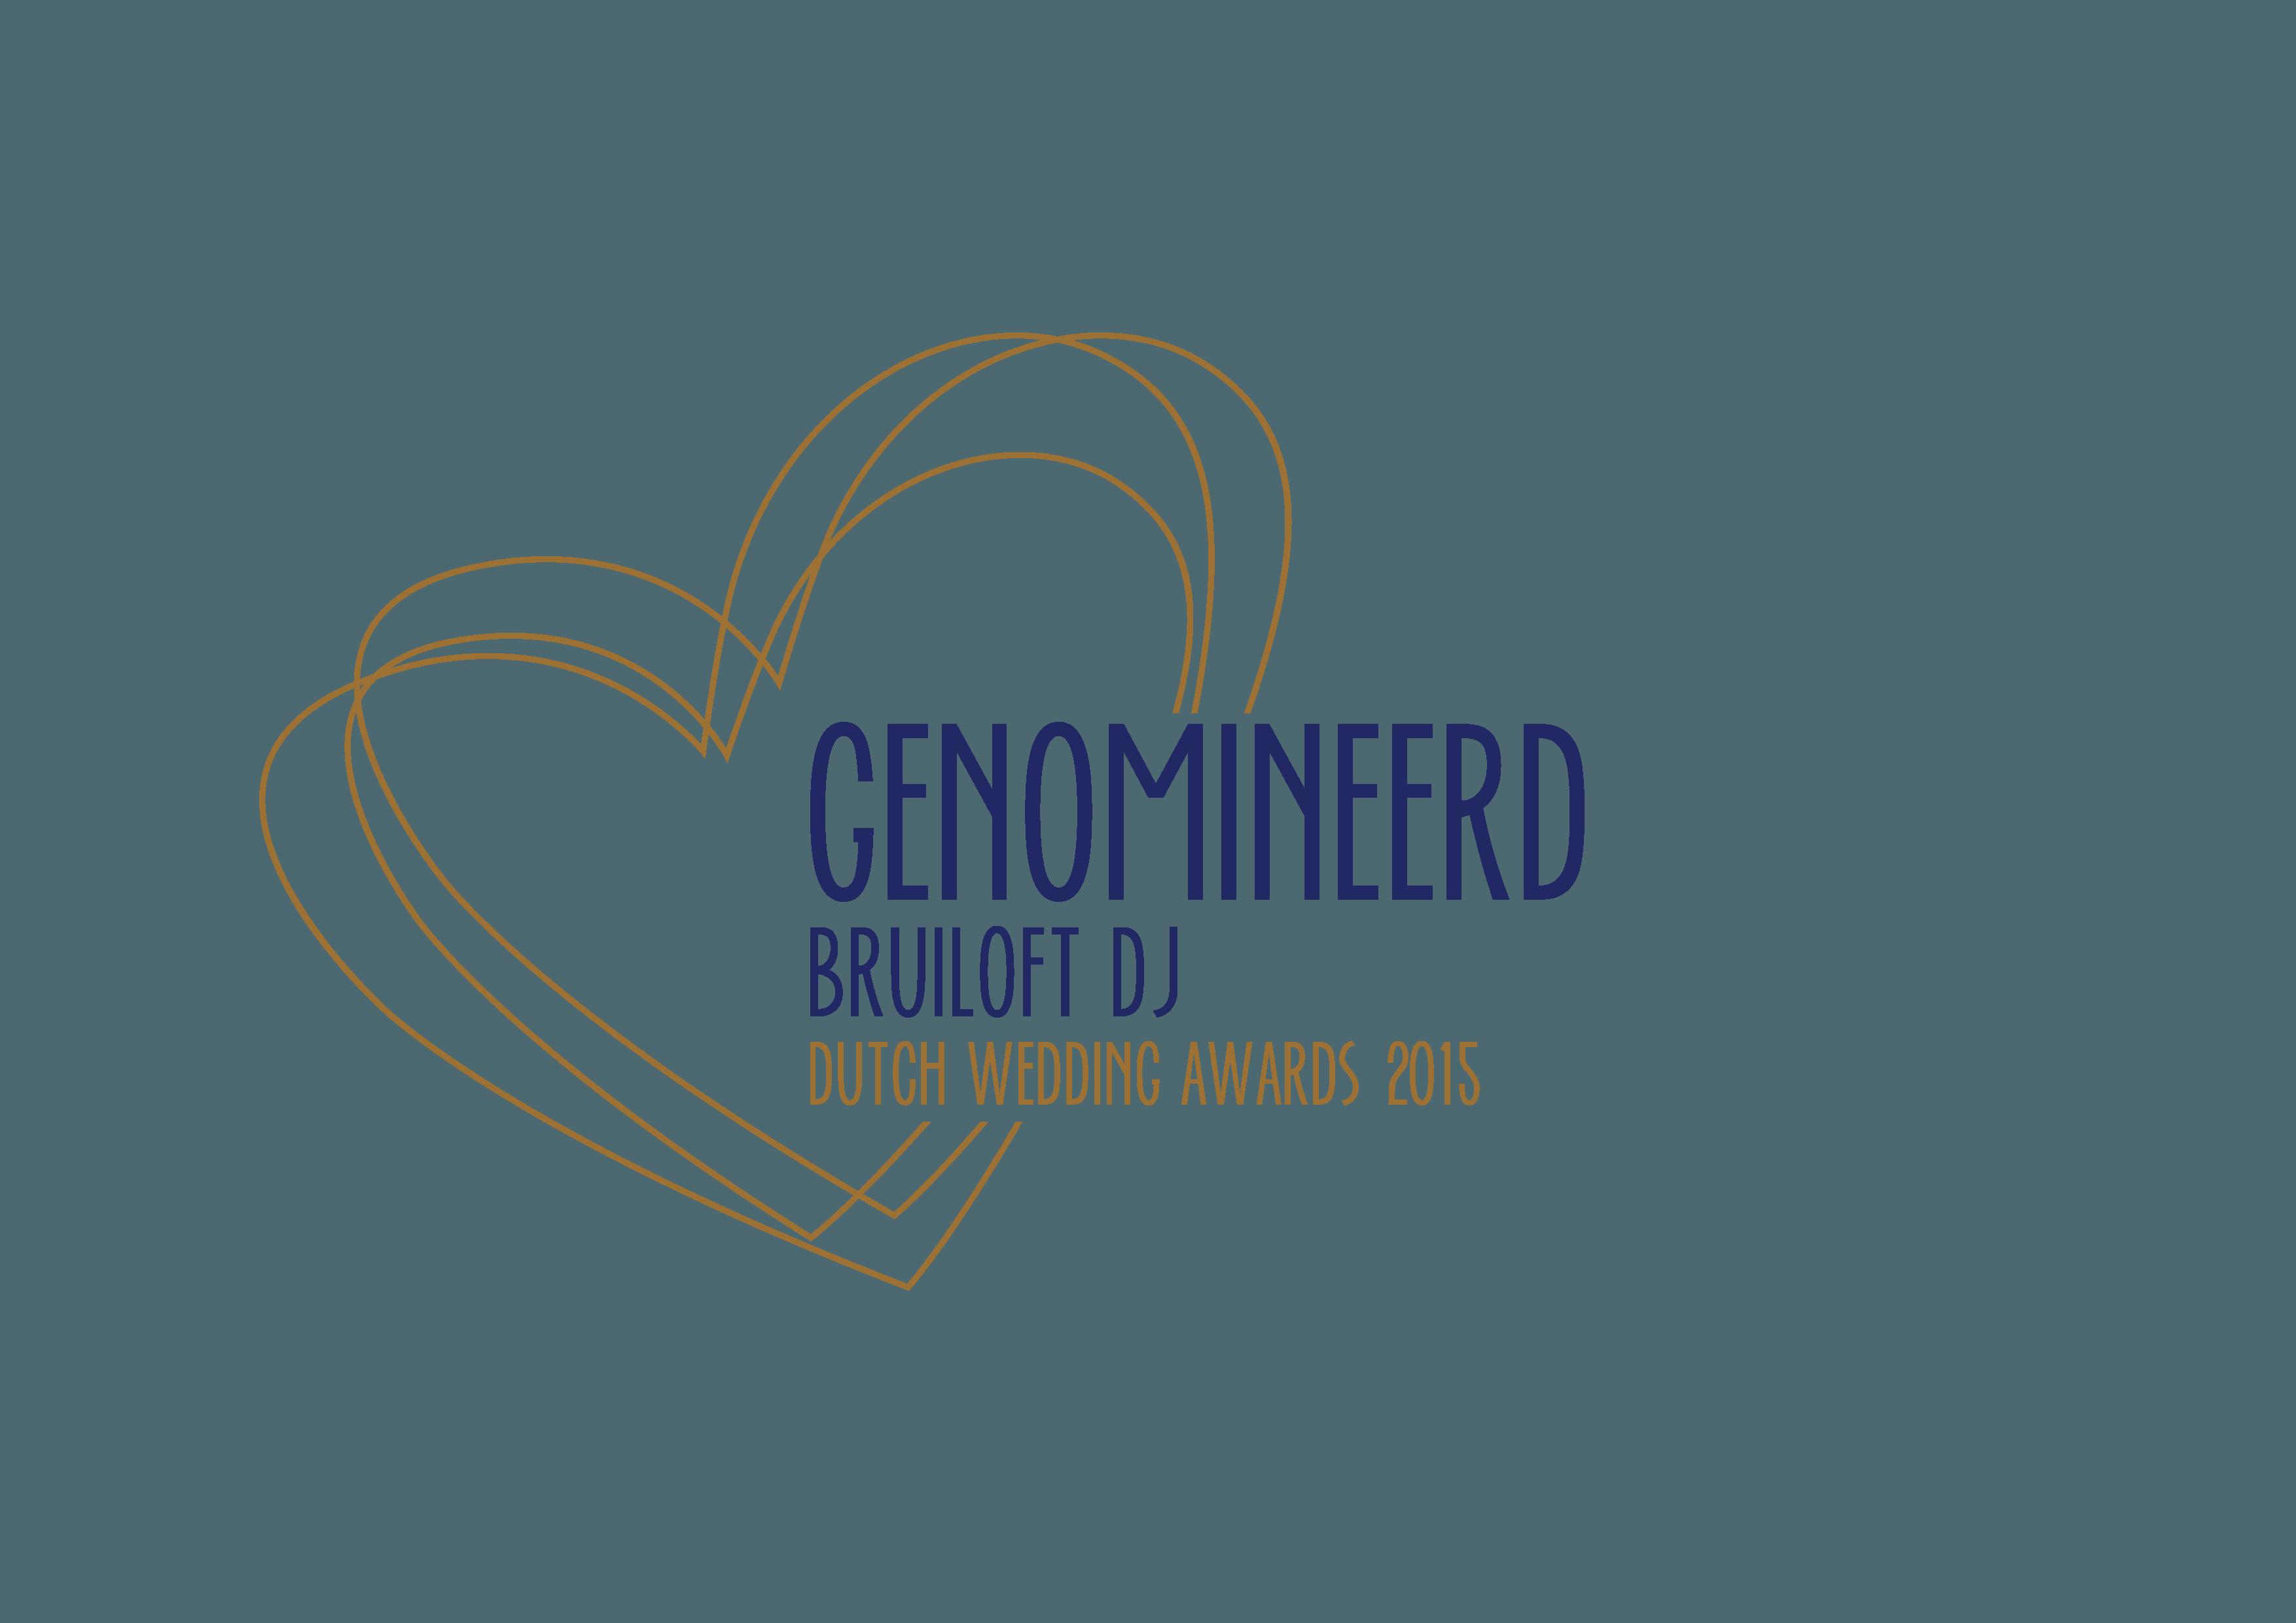 Dutch Wedding Awards